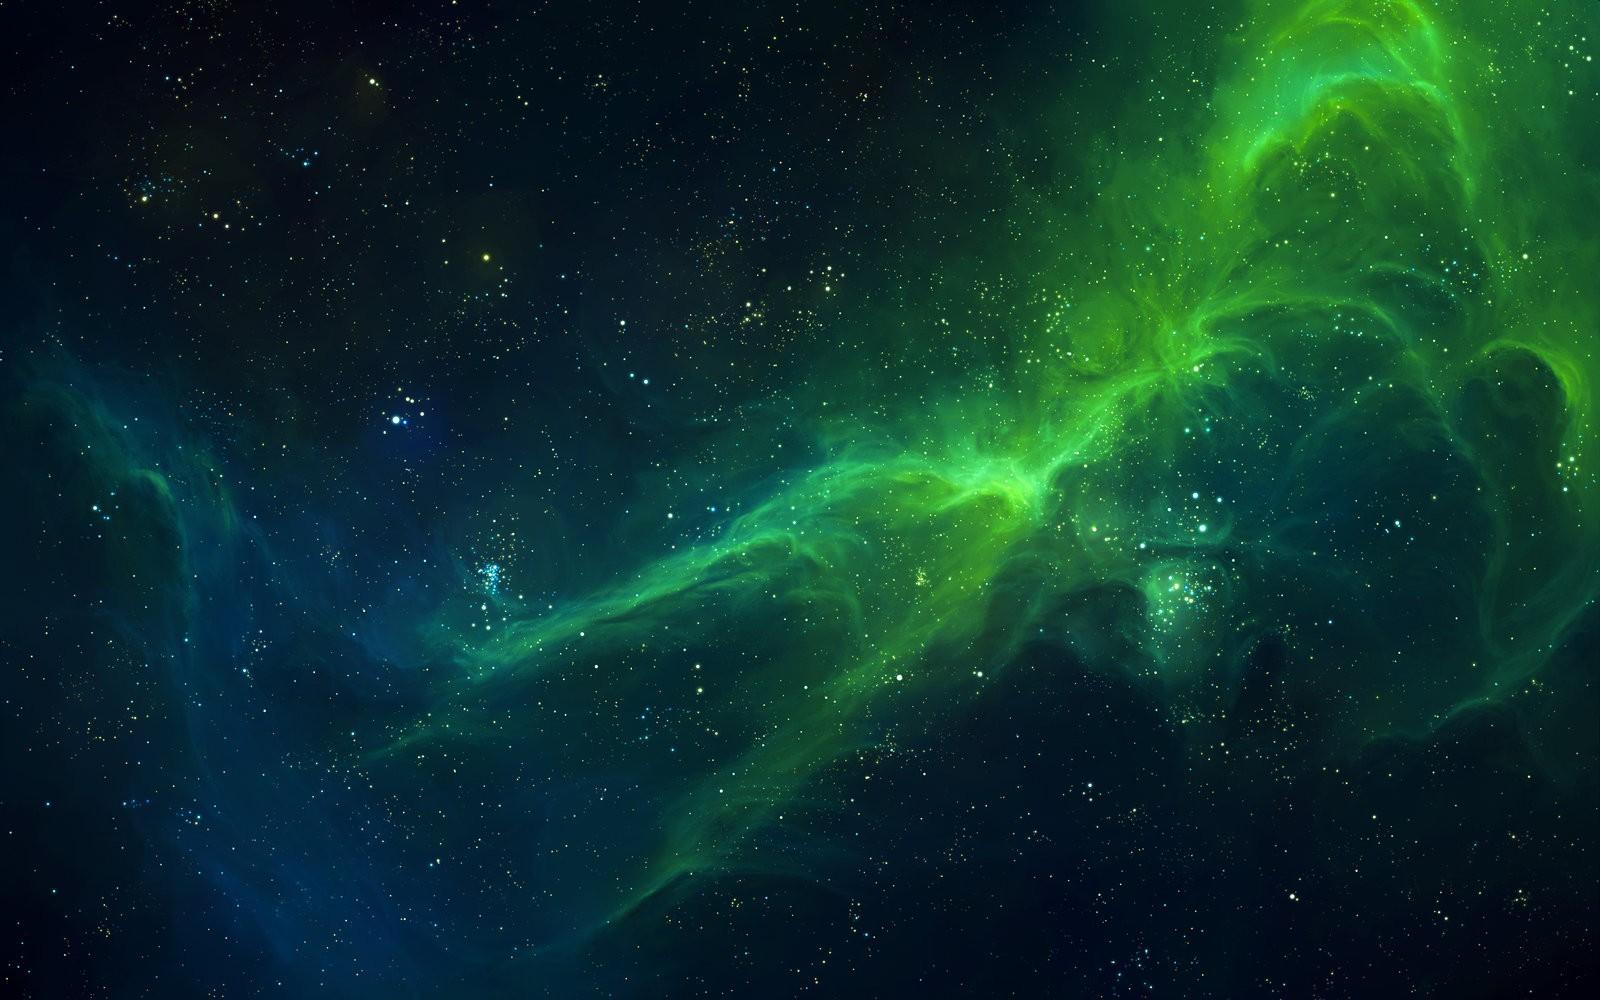 Galaxy wallpaper hd